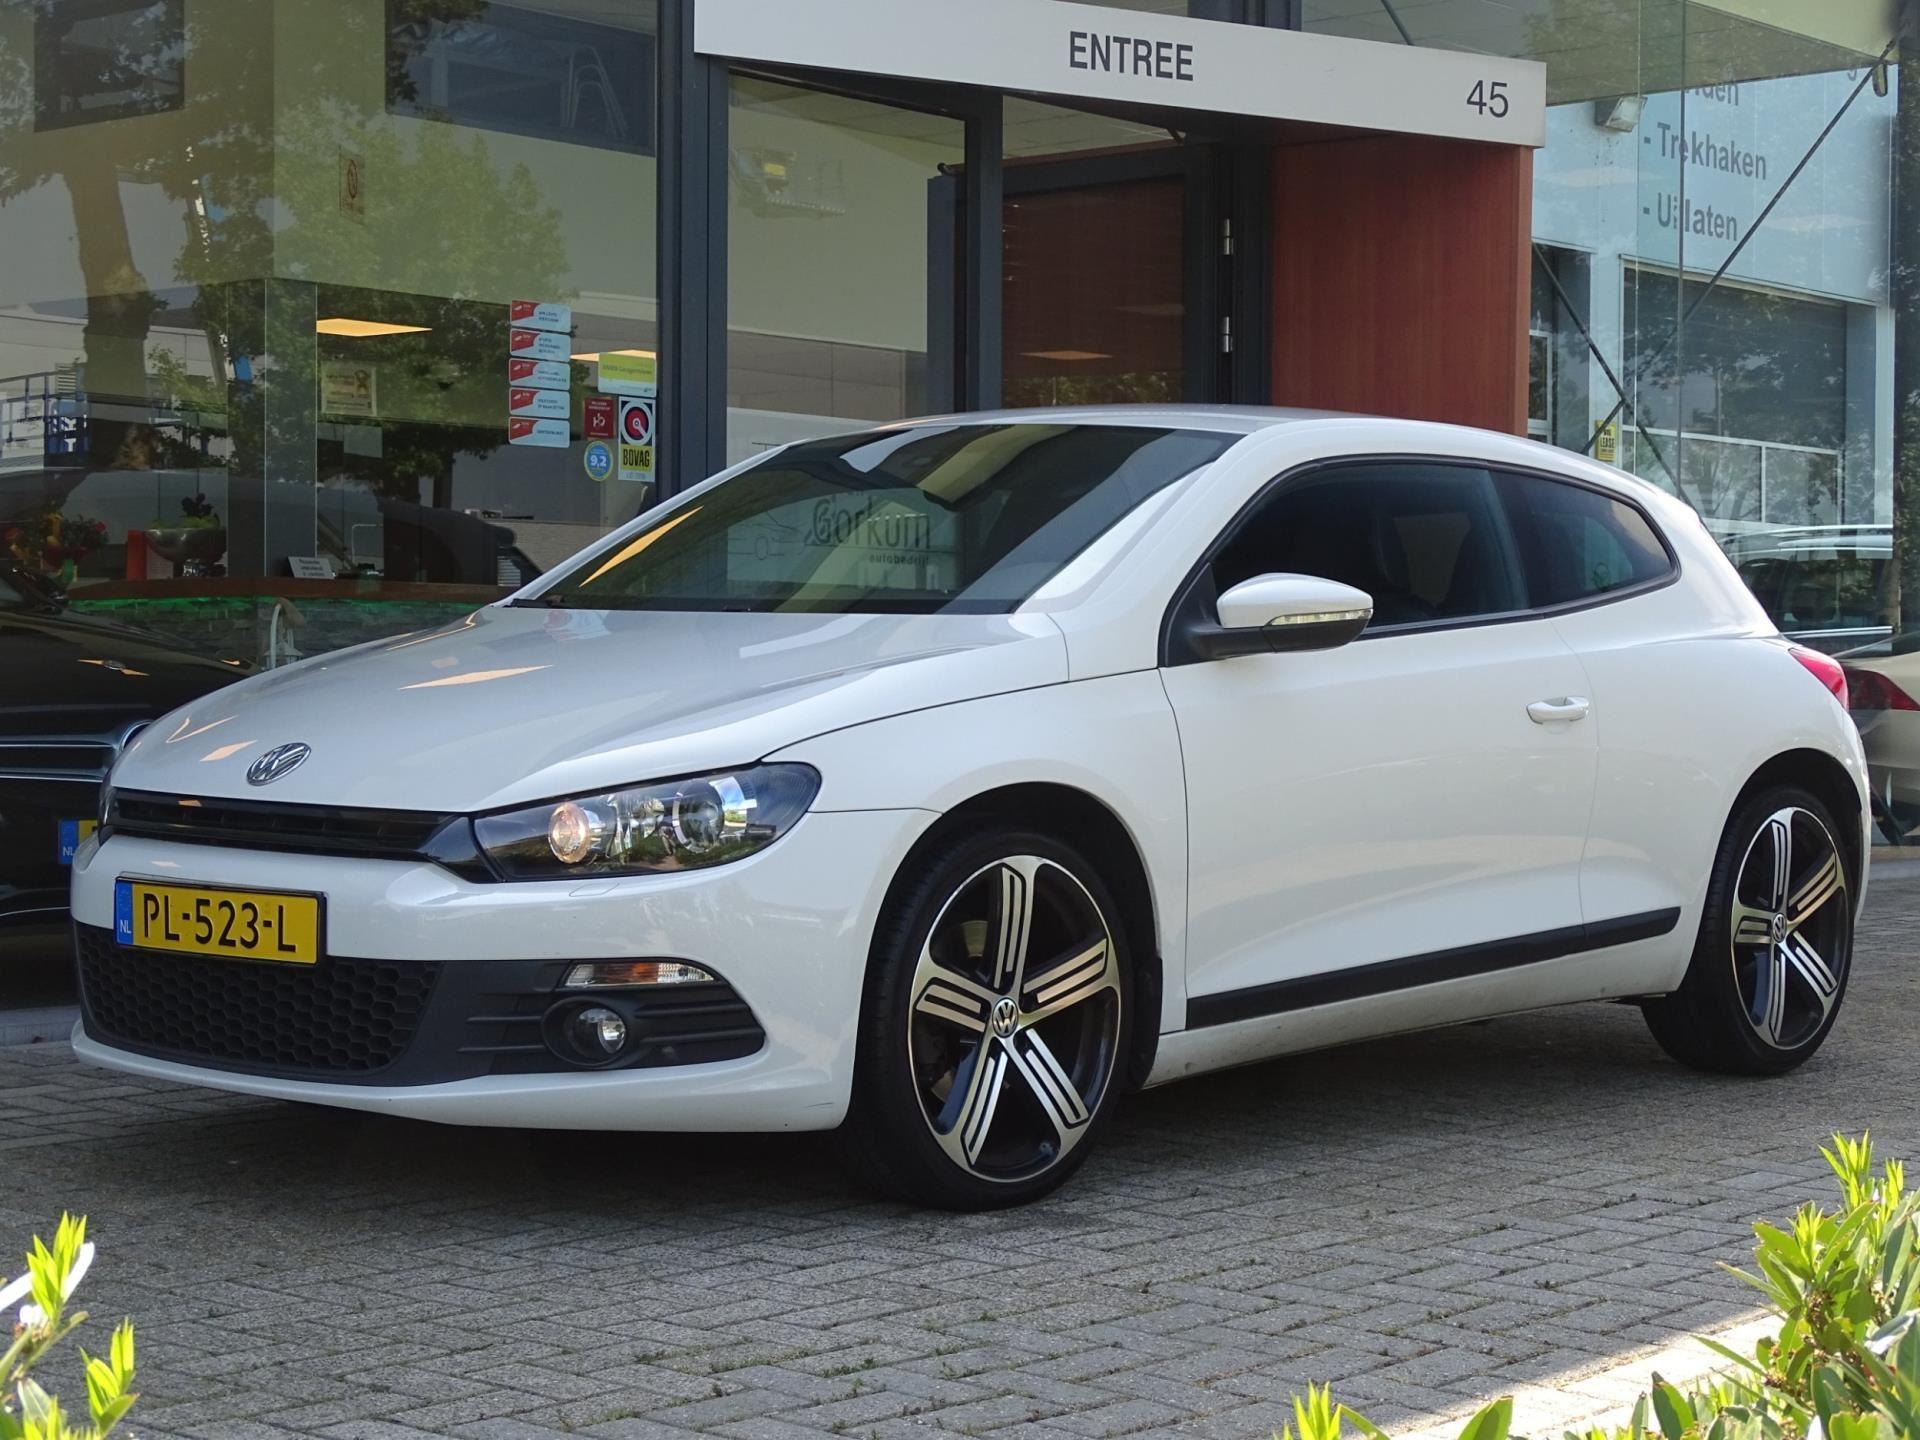 Volkswagen Scirocco occasion - Autobedrijf van Gorkum